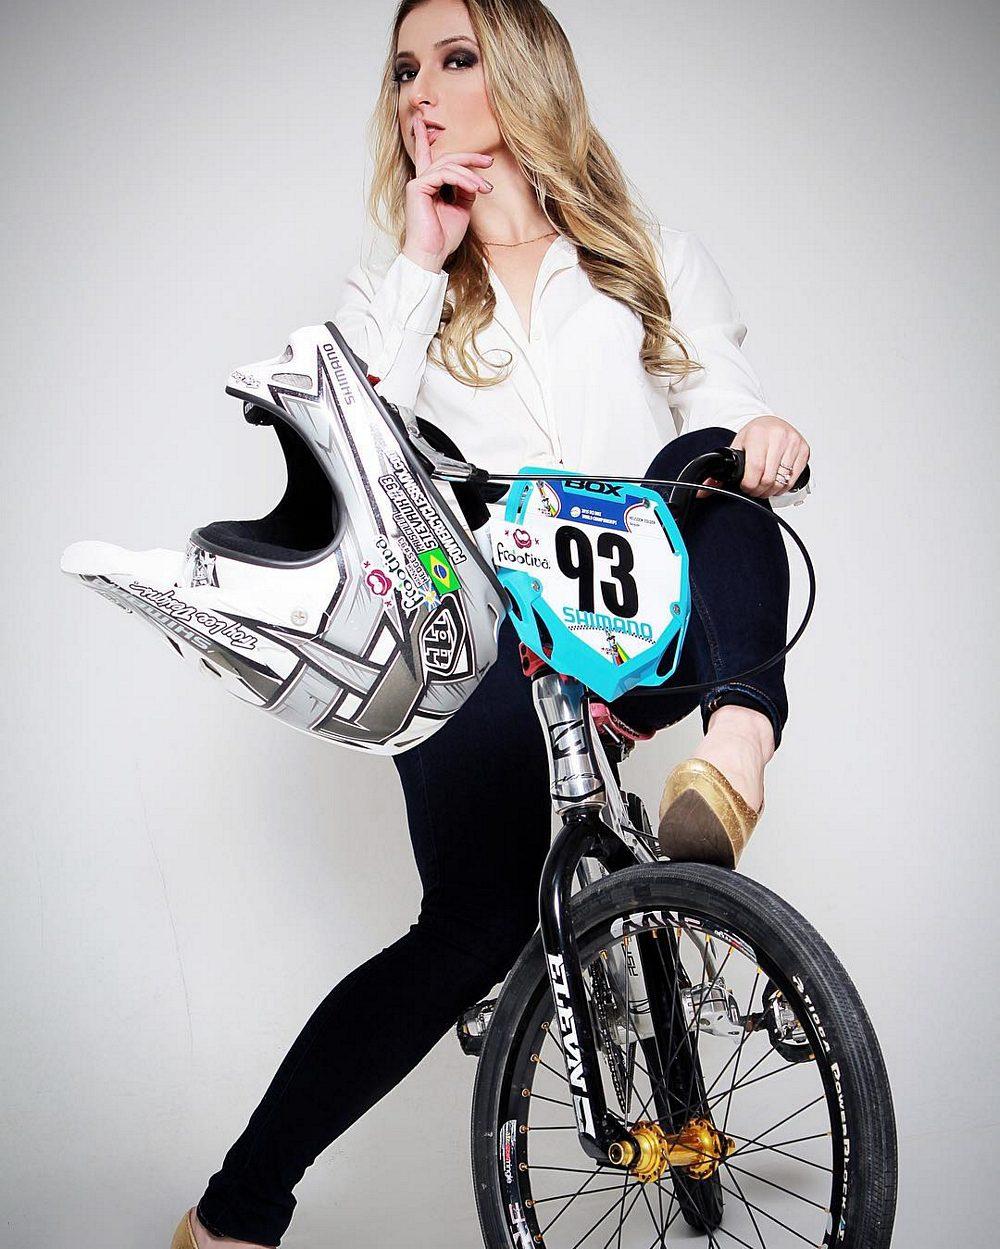 Igrzyska Olimpijskie 2016: BMX Racing